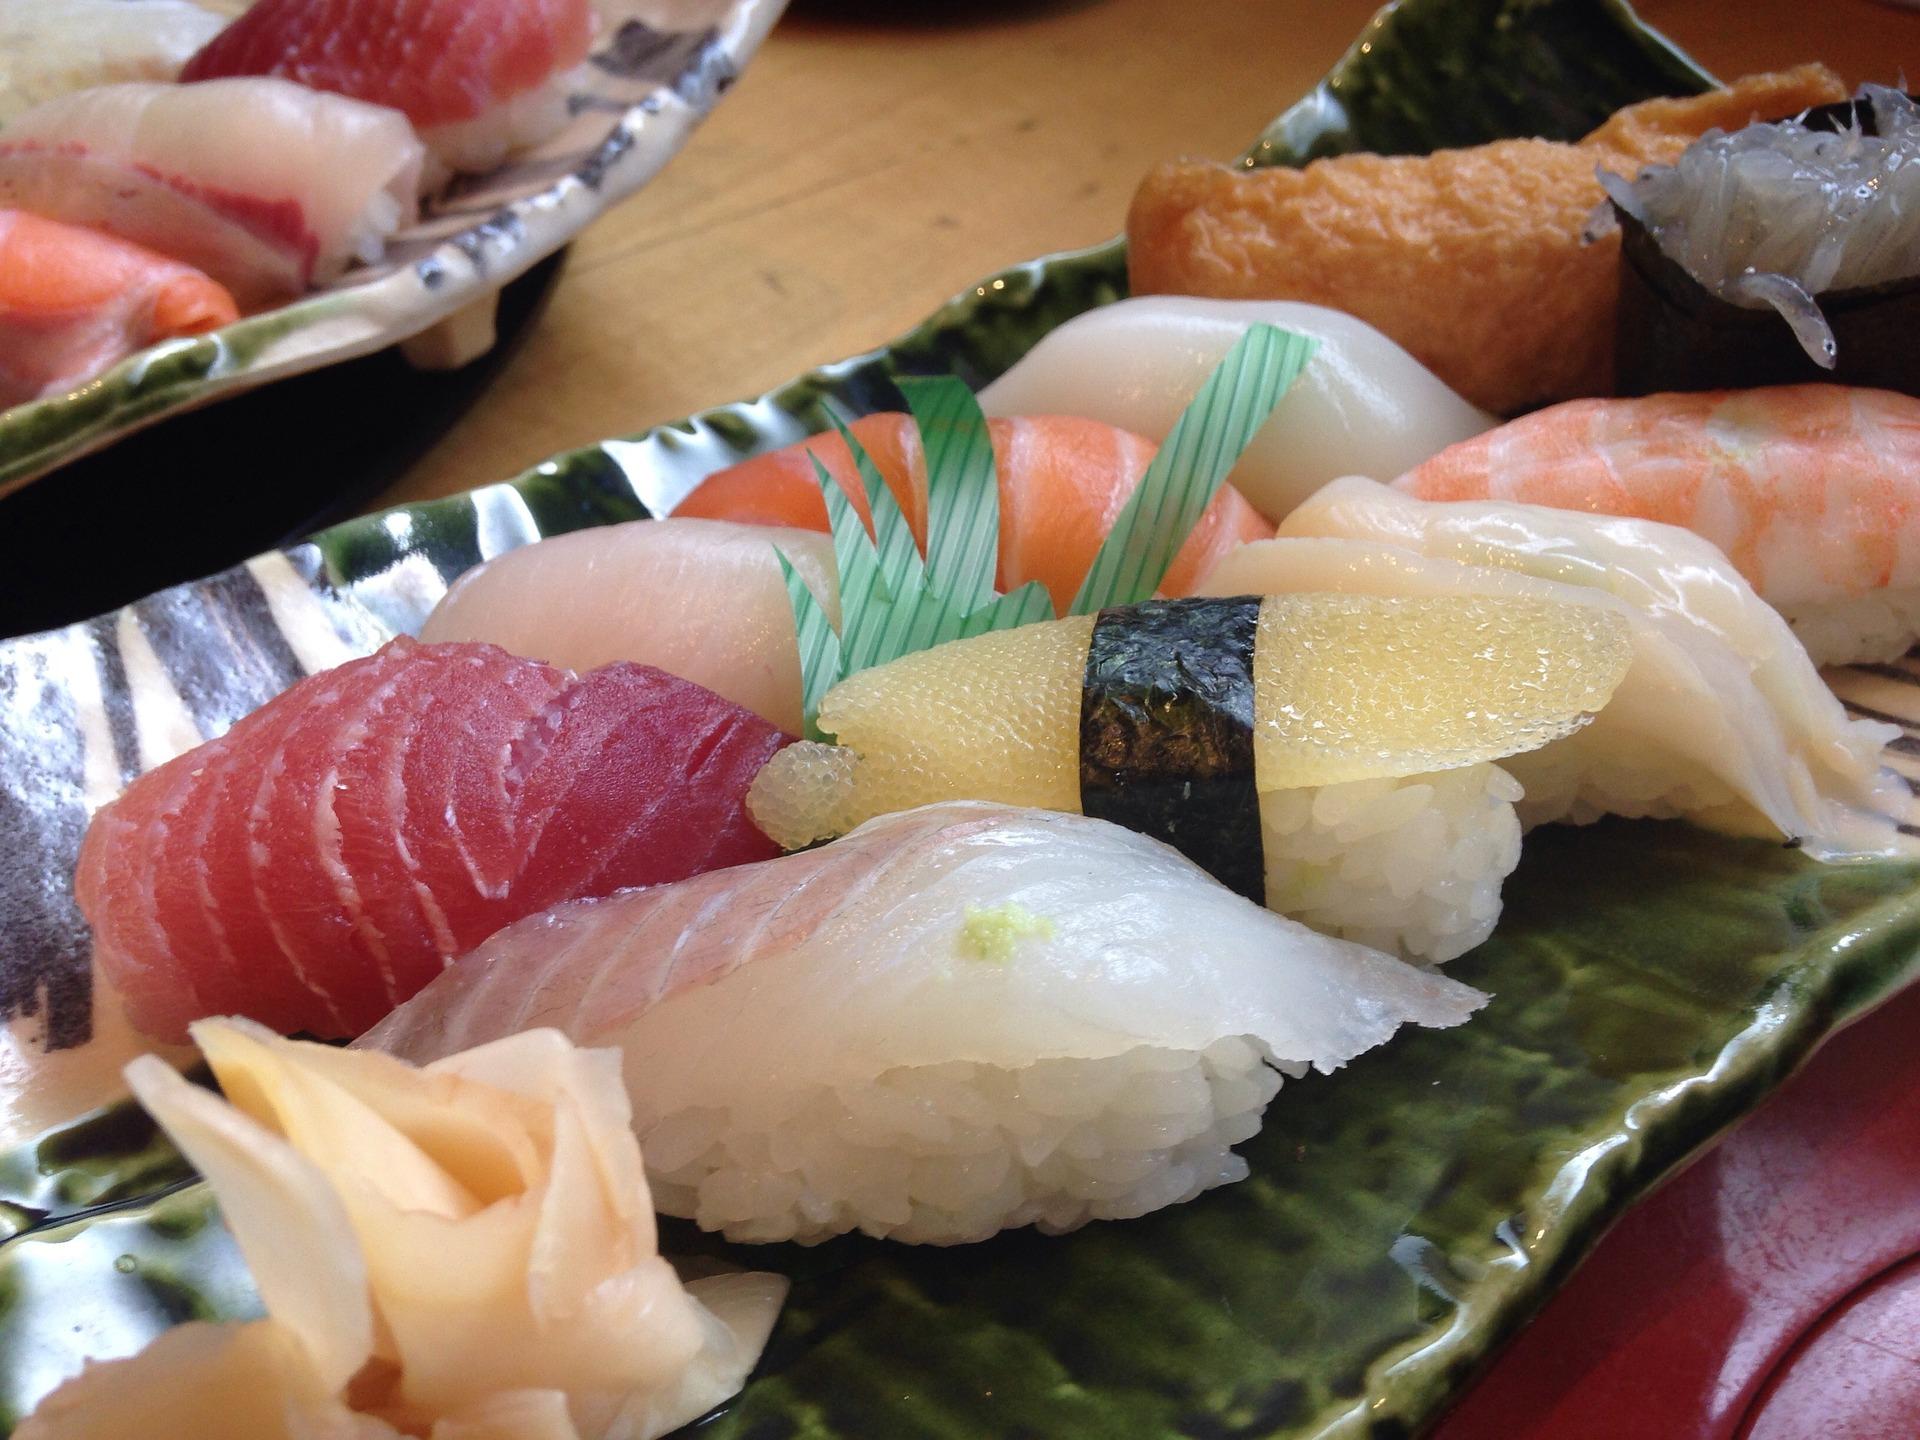 下北沢で寿司を食べるならココ!老舗からリーズナブルな人気店まで厳選して紹介!